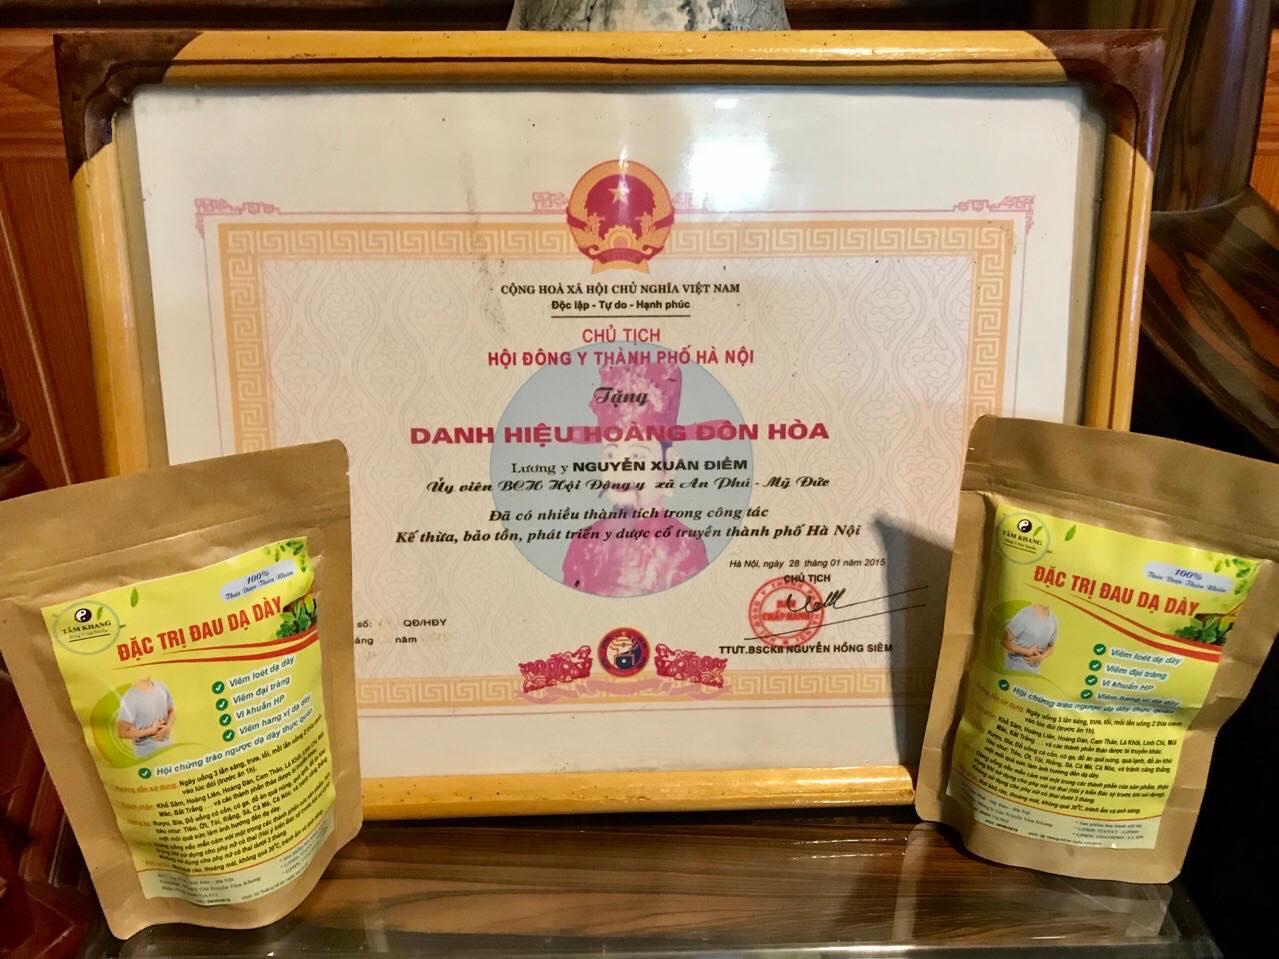 Bật mí bài thuốc đặc trị bệnh dạ dày của lương y Nguyễn Xuân Điềm  - Ảnh 5